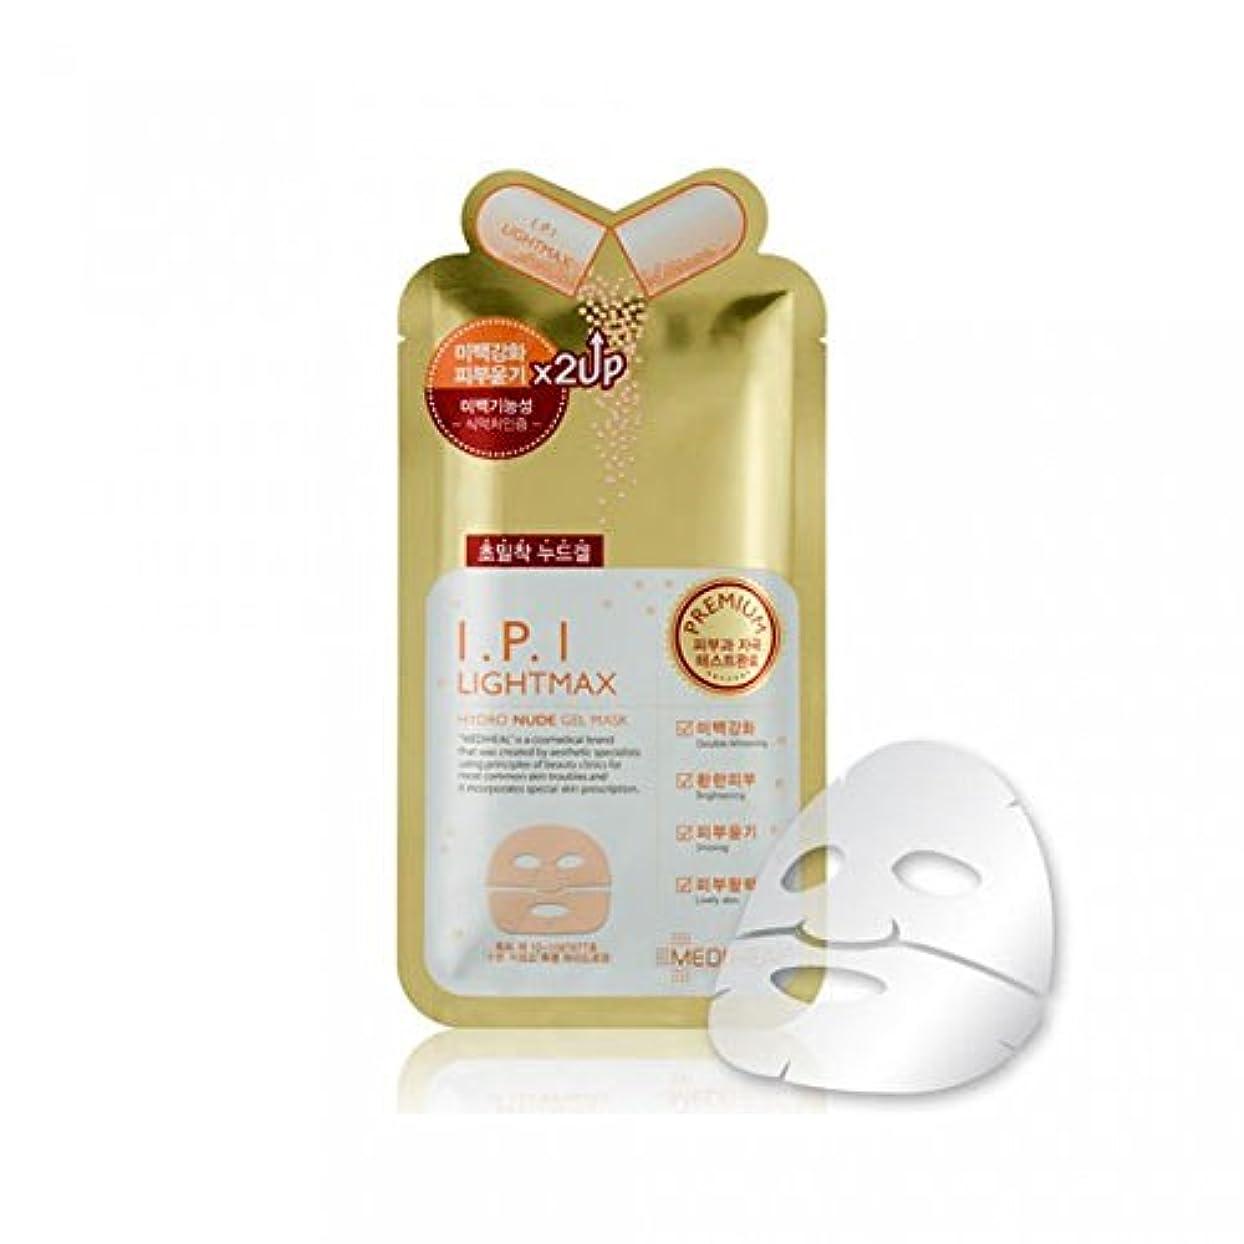 より平らな評判パンサーメディヒール プレミアム IPI ライトマックス ヌード ゲルマスク (10枚) [Mediheal premium IPI LIGHT MAX Nude Gel Mask 10 sheets] [並行輸入品]